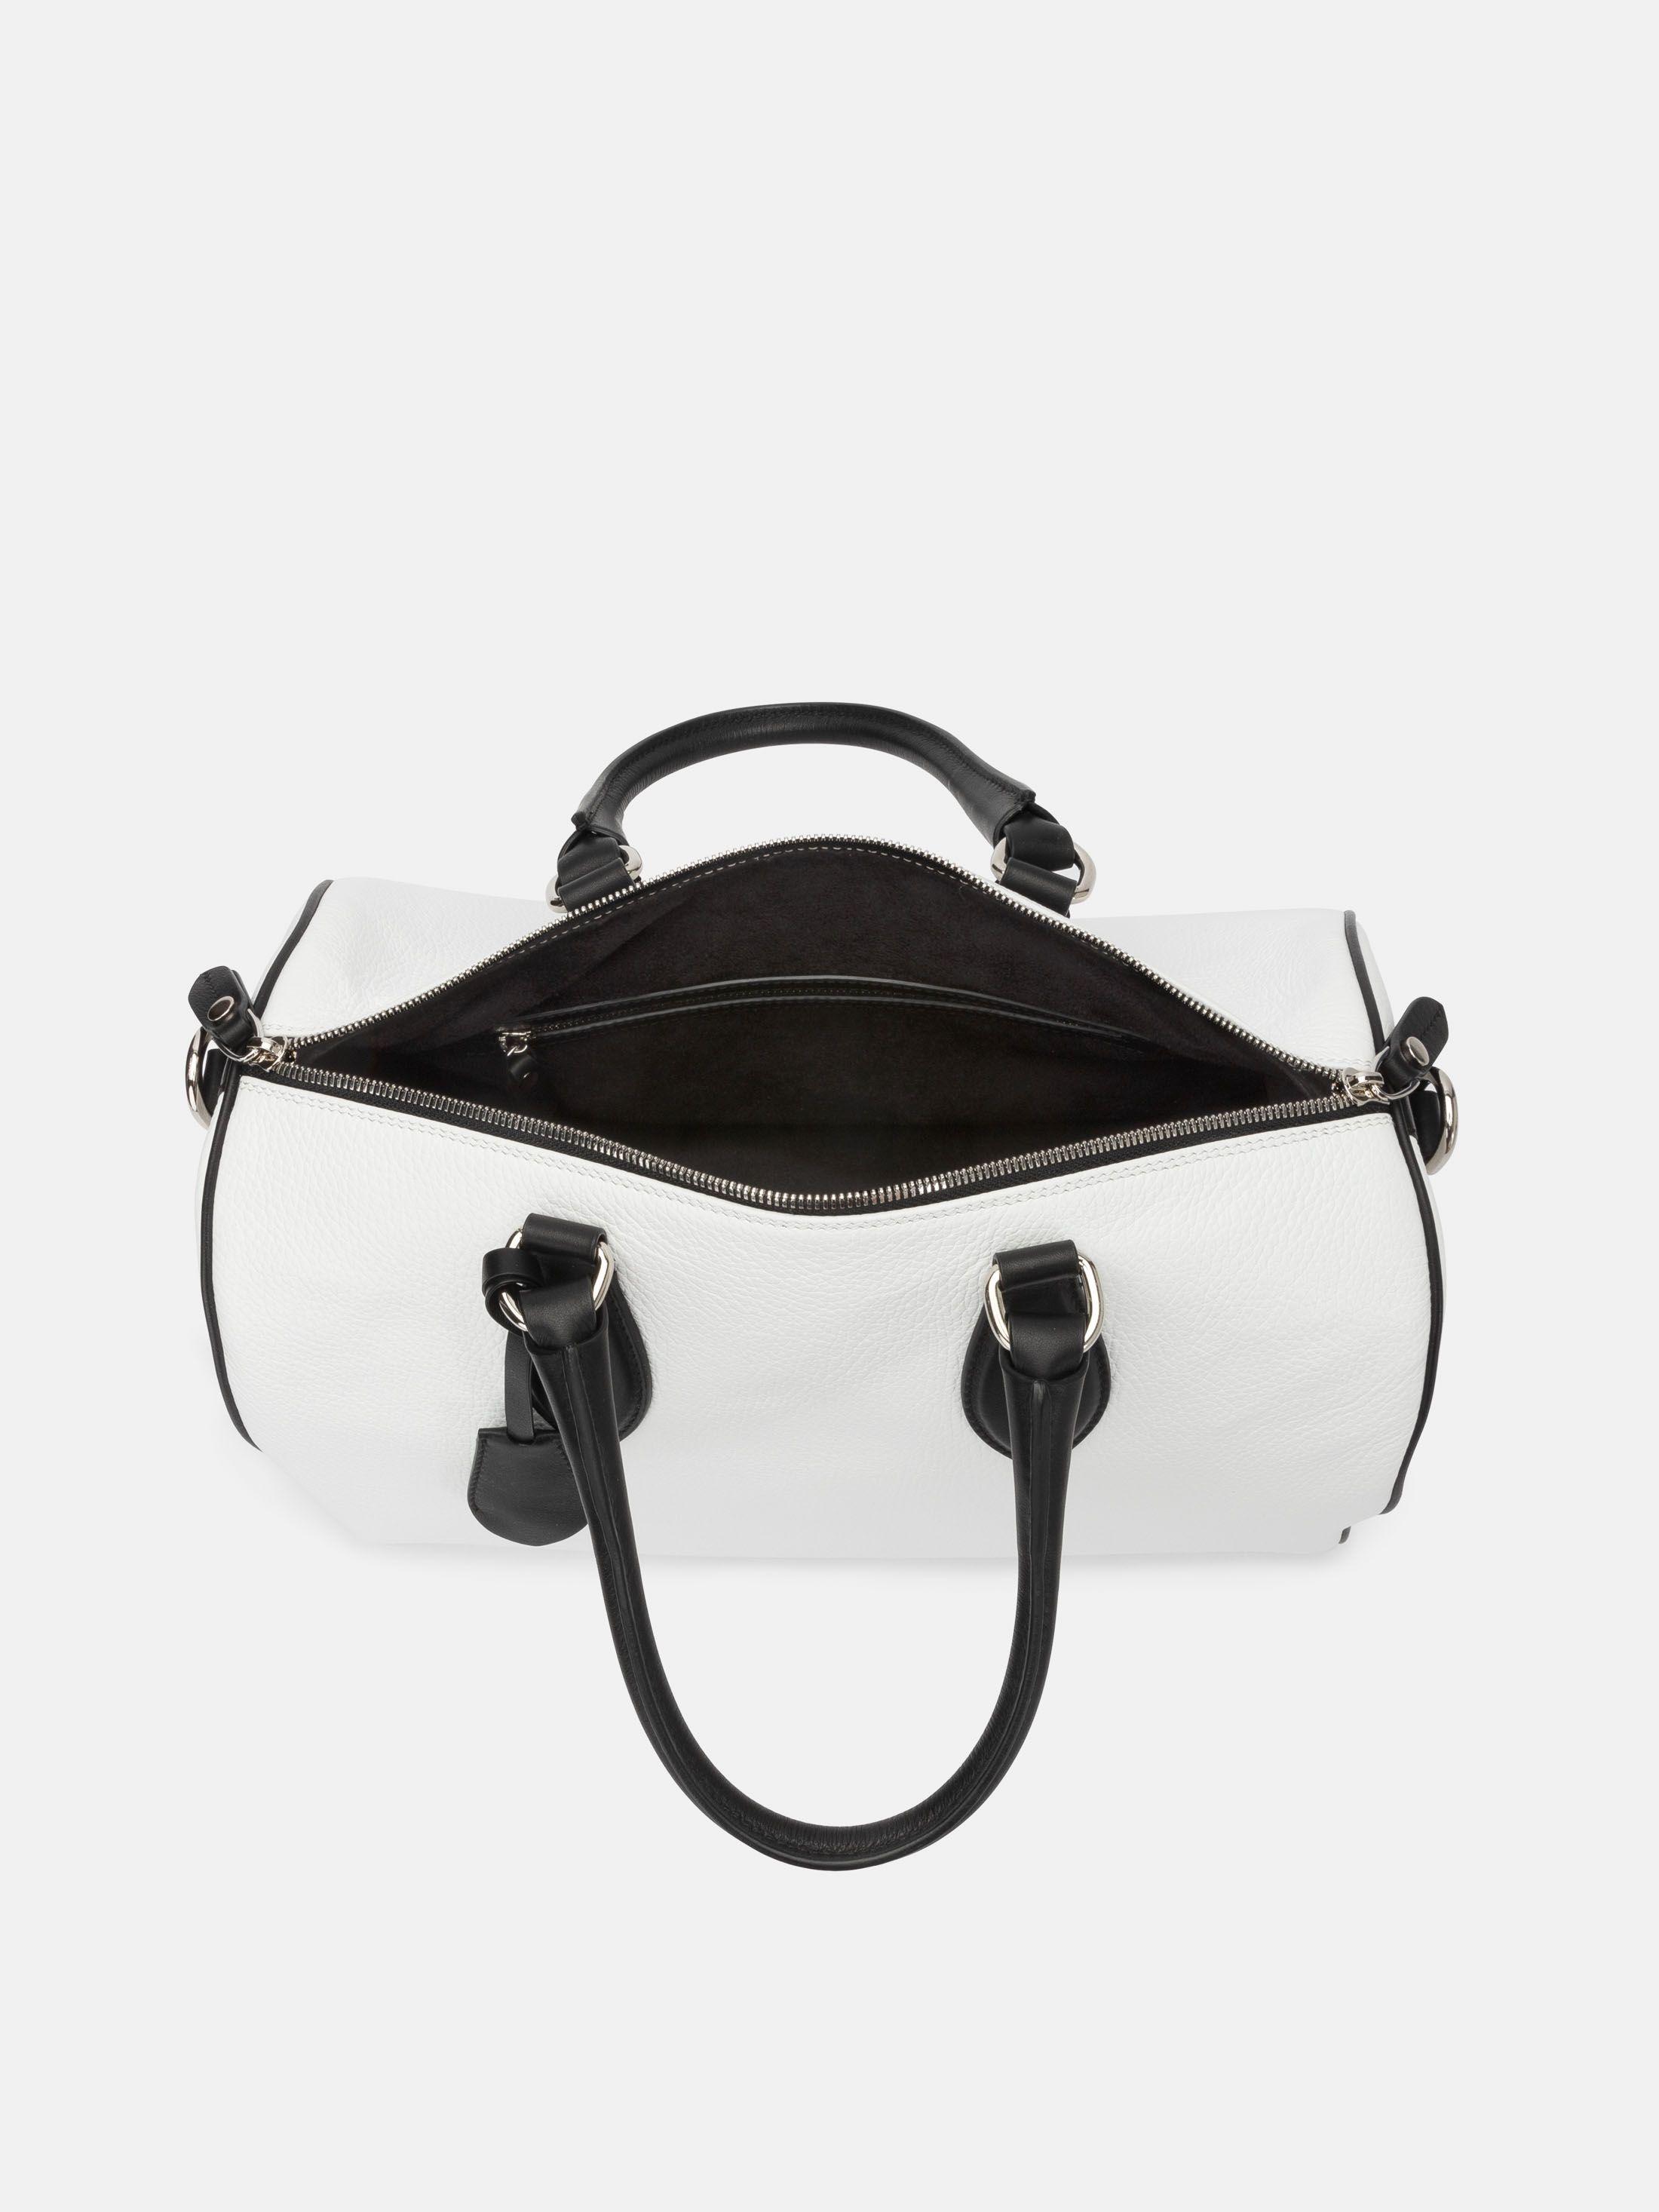 custom duffle bag design